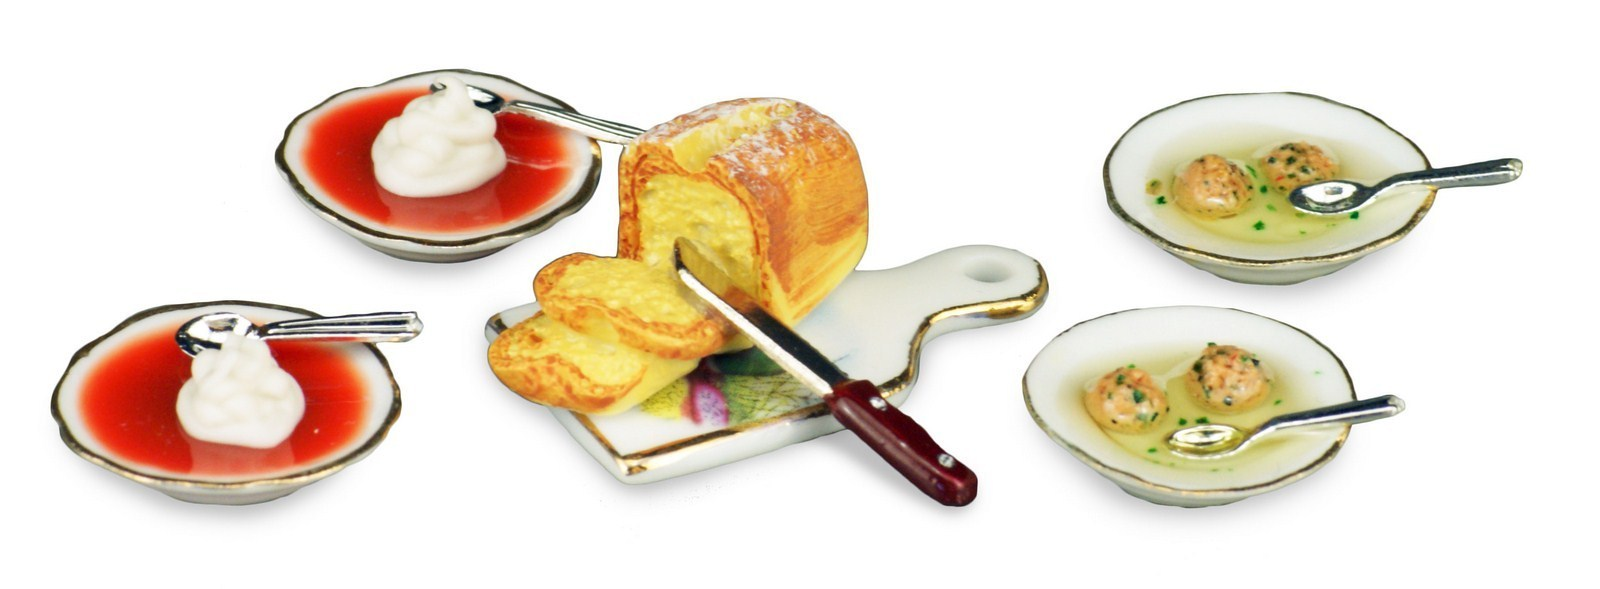 ミニチュア 【ロイターポーセリン】 ダンプリング&トマトスープセット RP1452-8 ドールハウス用